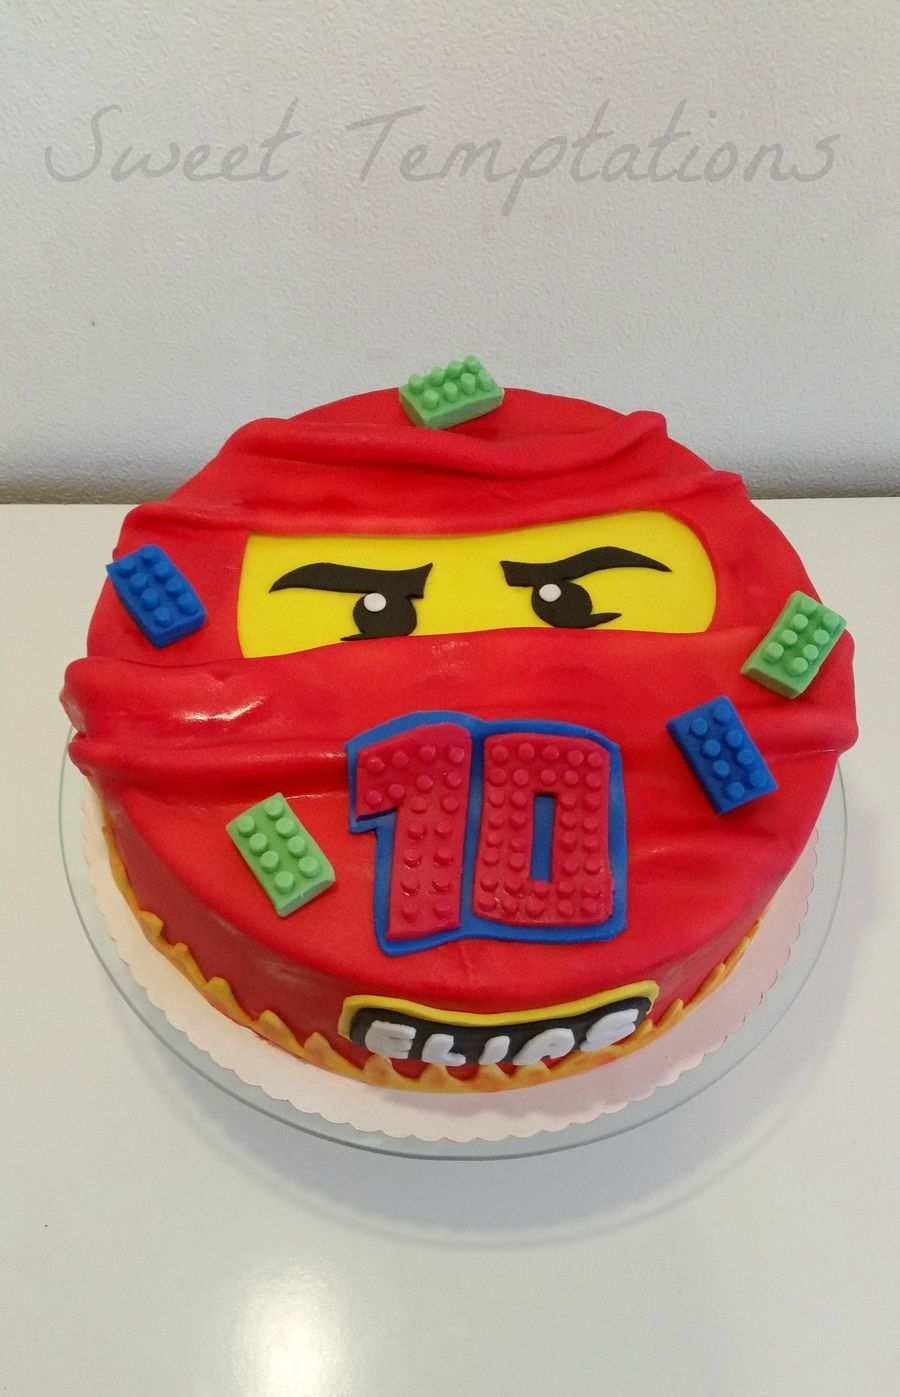 Lego Ninjago Cake Lego Ninjago Cake Ninjago Cakes Ninjago Birthday Party